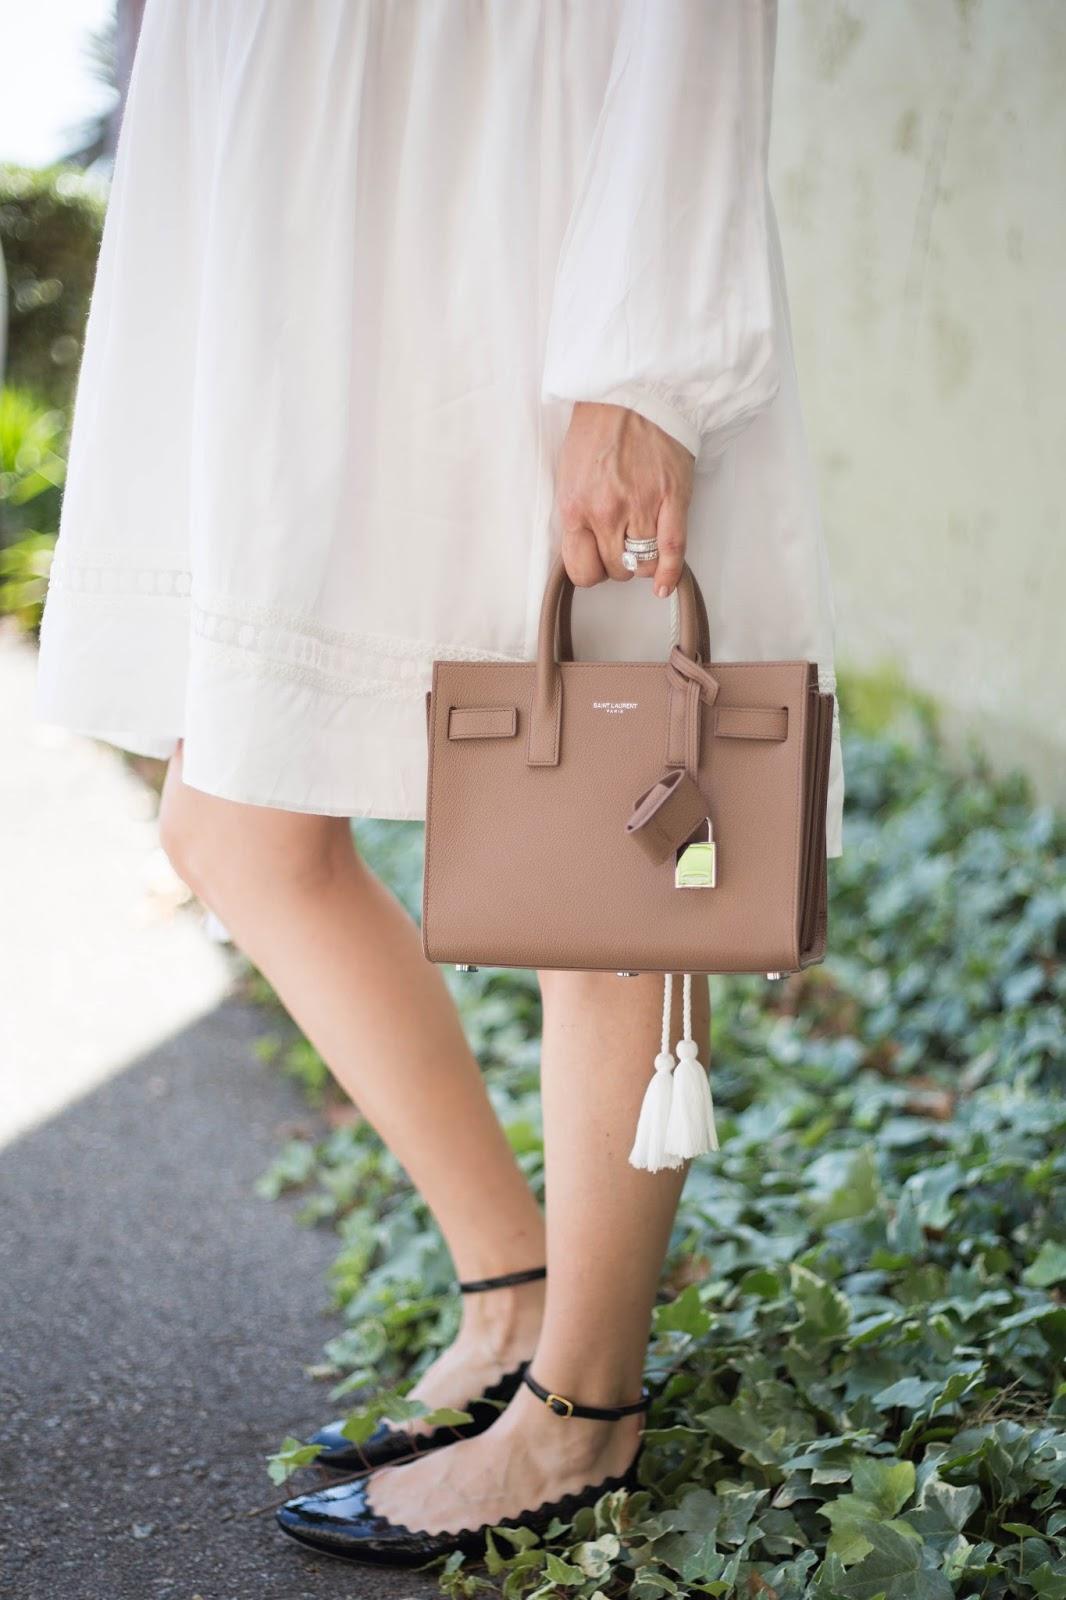 blush saint laurent bag and chloe flats